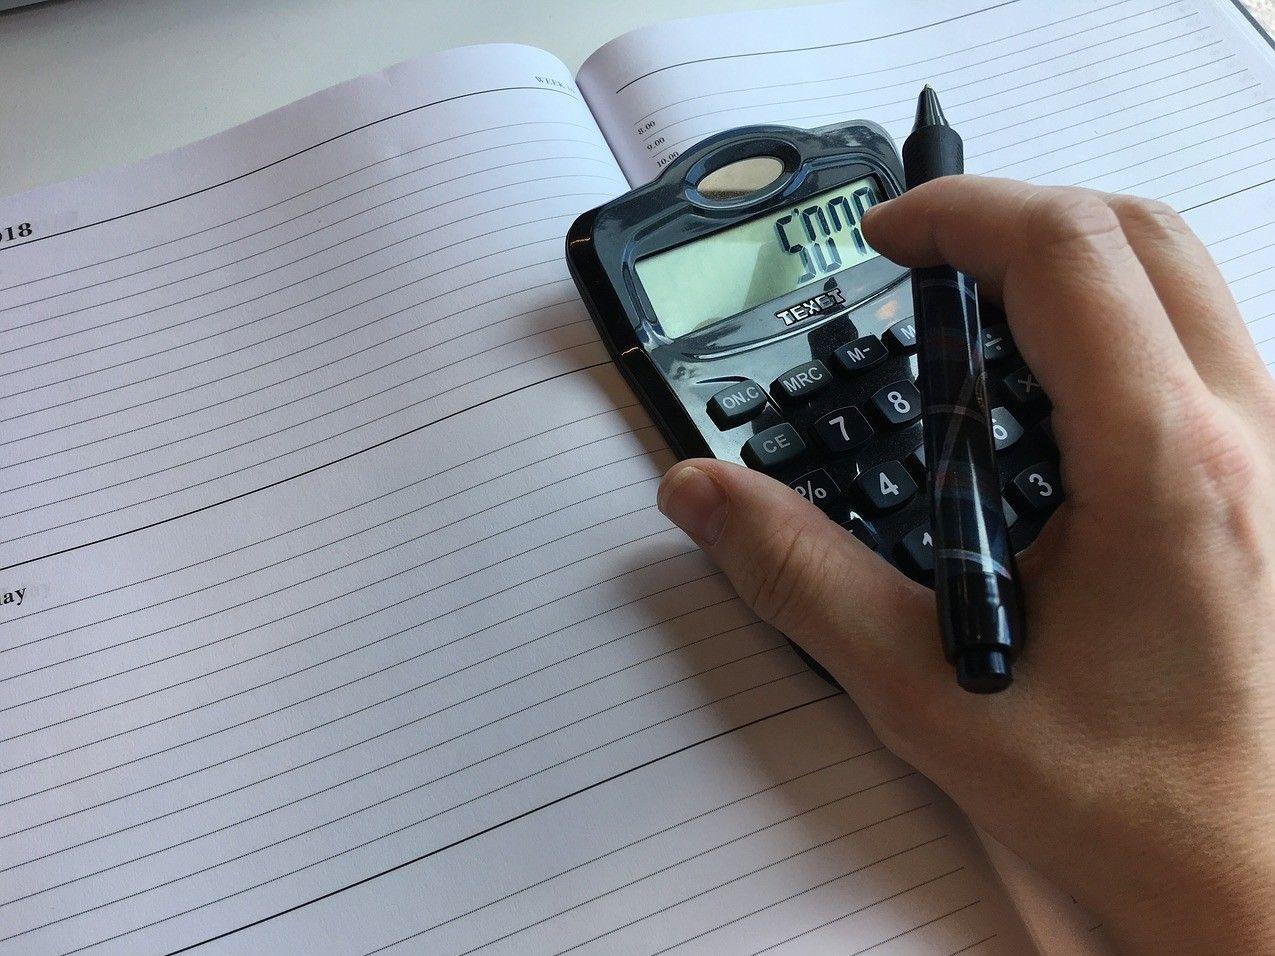 Wat is persoonlijk letsel en hoe kunt u een vergoeding krijgen?